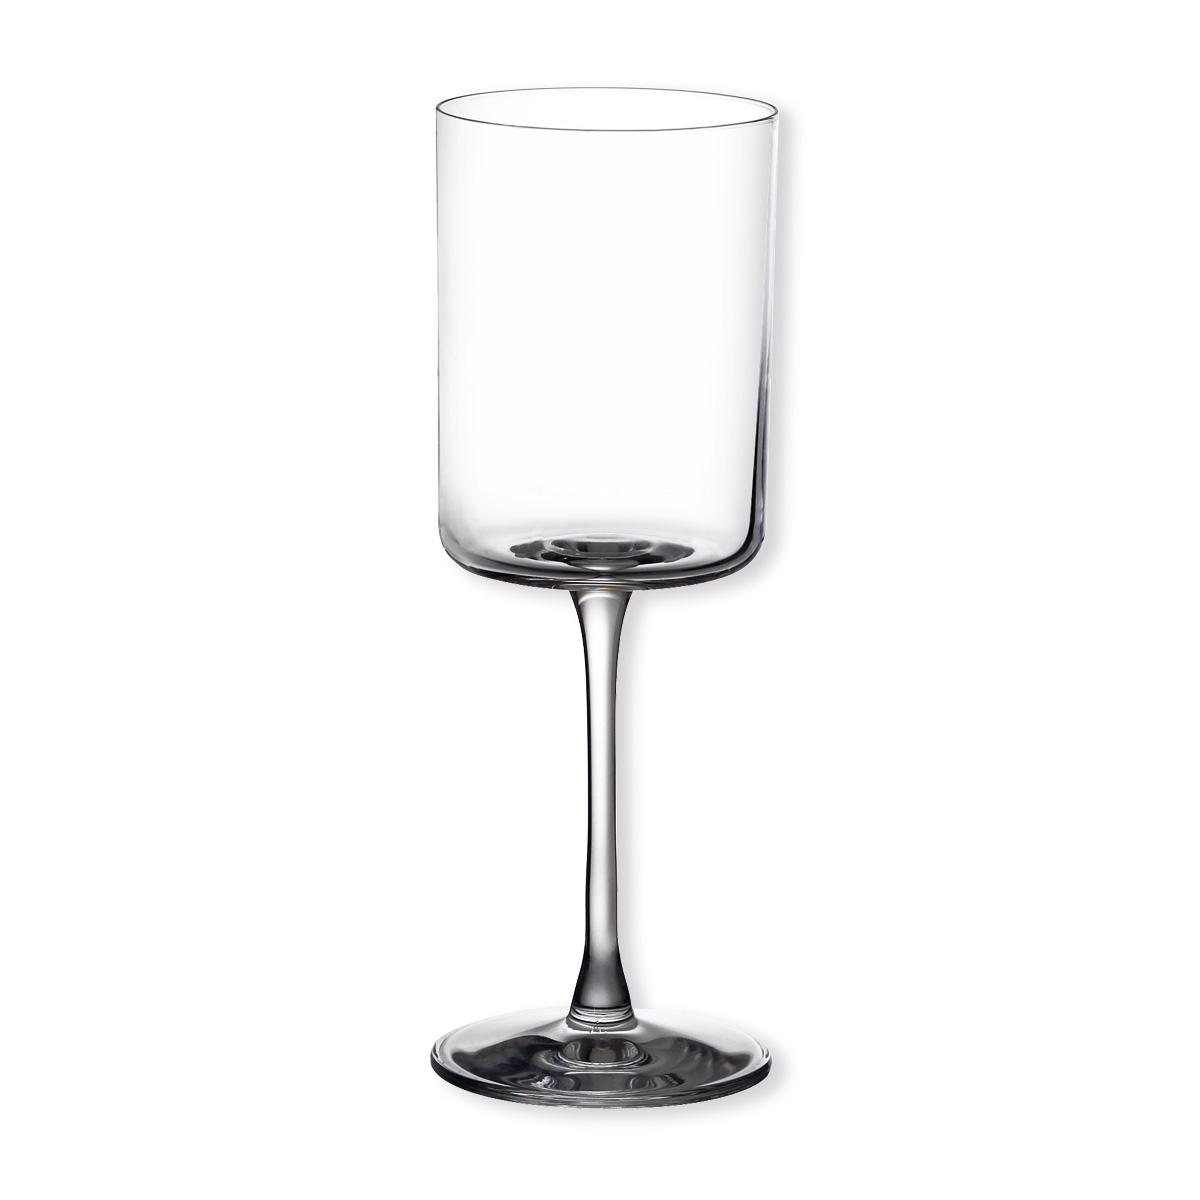 Verre A Vin Moderne verre à vin en cristallin - verrerie design et moderne - bruno evrard